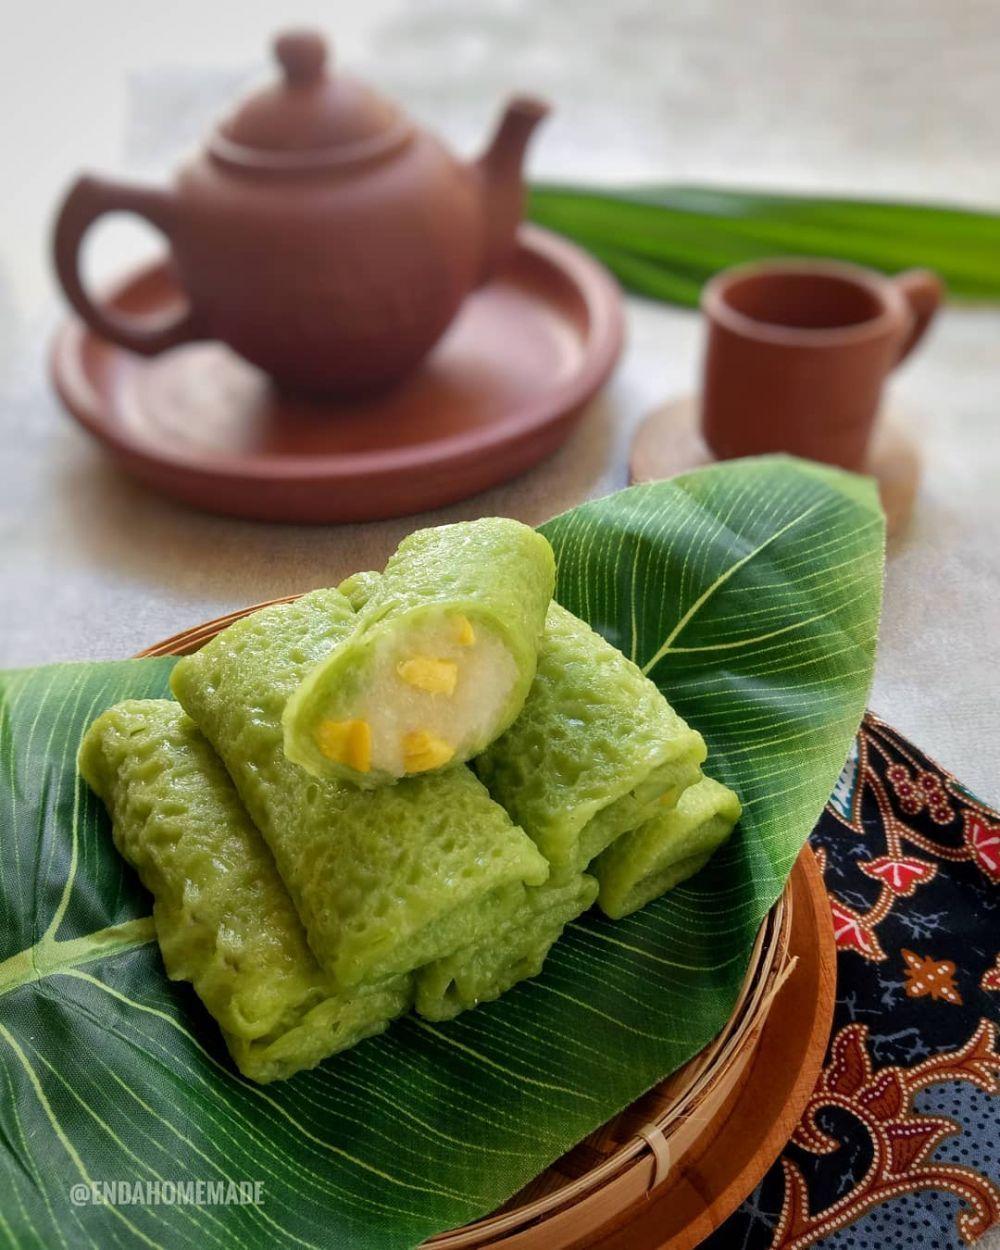 Resep Olahan Nangka Matang Instagram Veronicadhani Endahomemade Resep Makanan Dan Minuman Makanan Enak